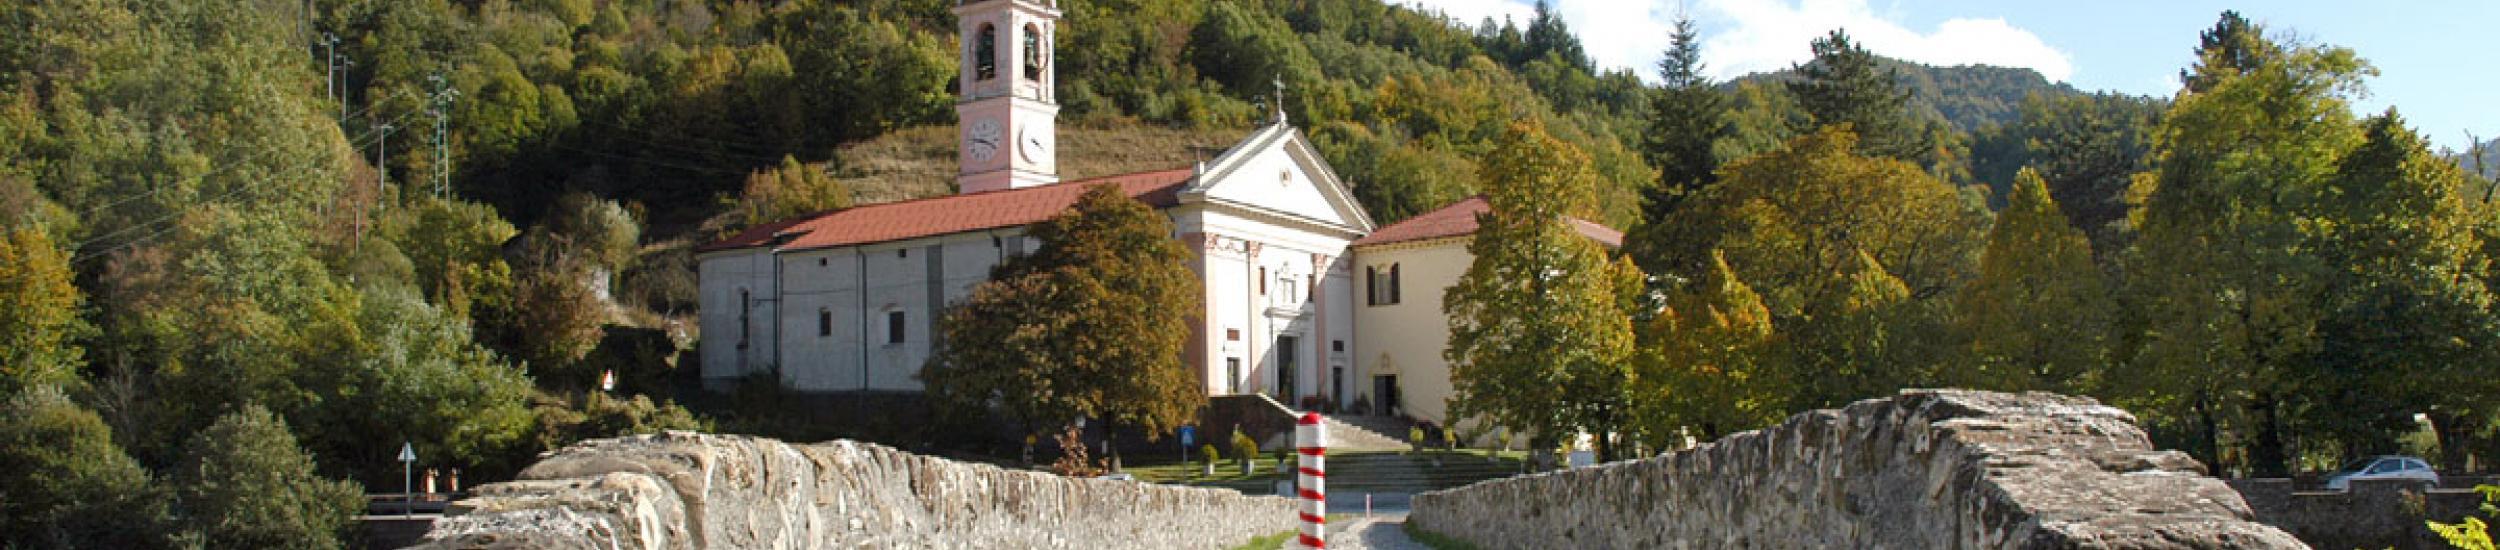 Montebruno, il ponte